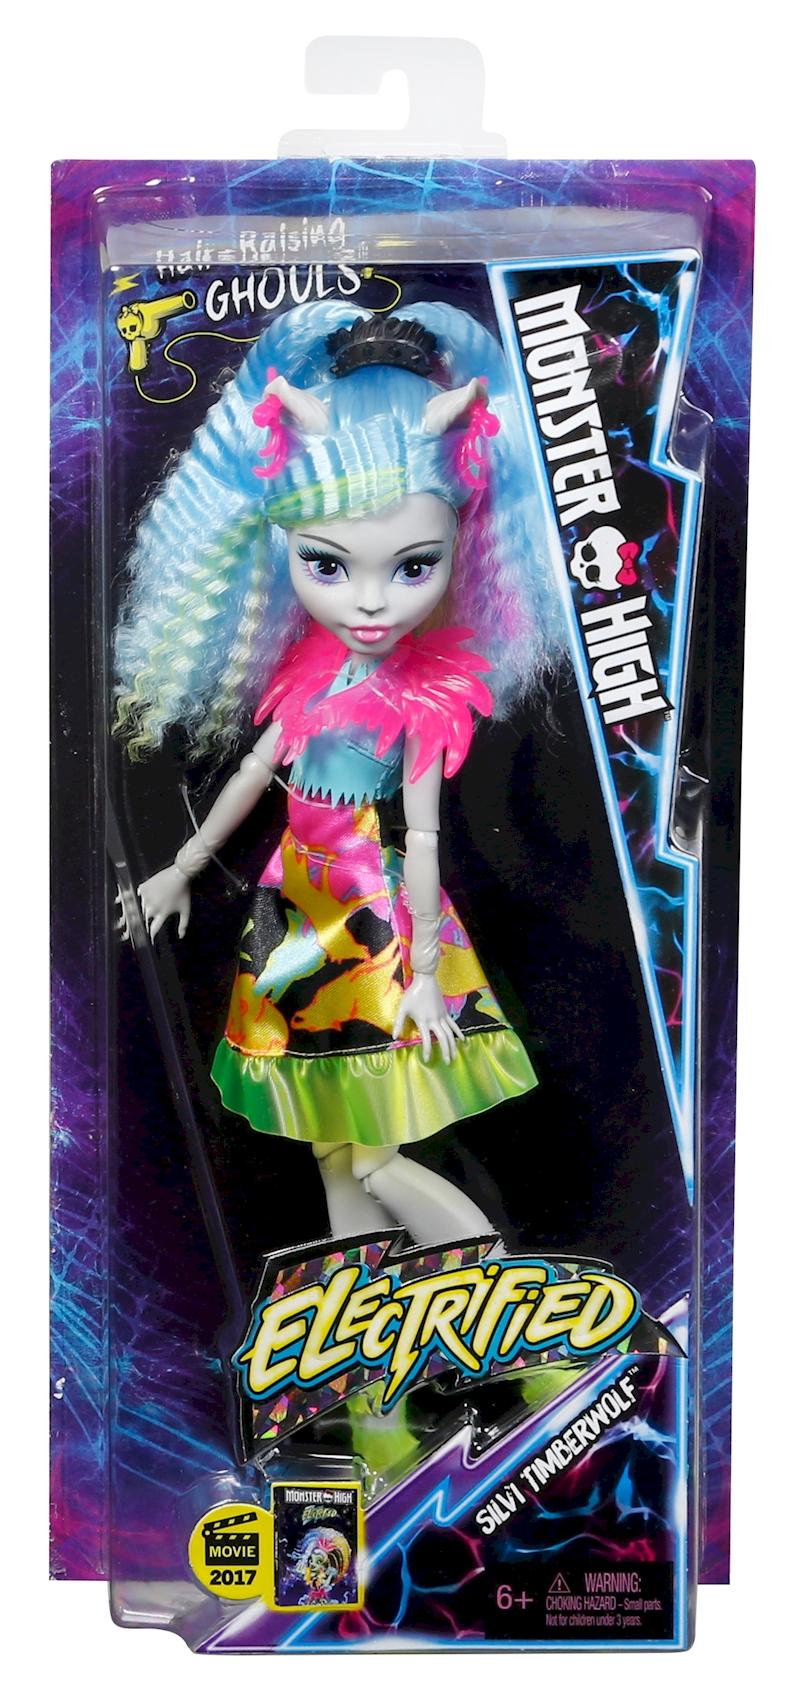 Monster High Electrified Silvi Timberwolf Doll Shop